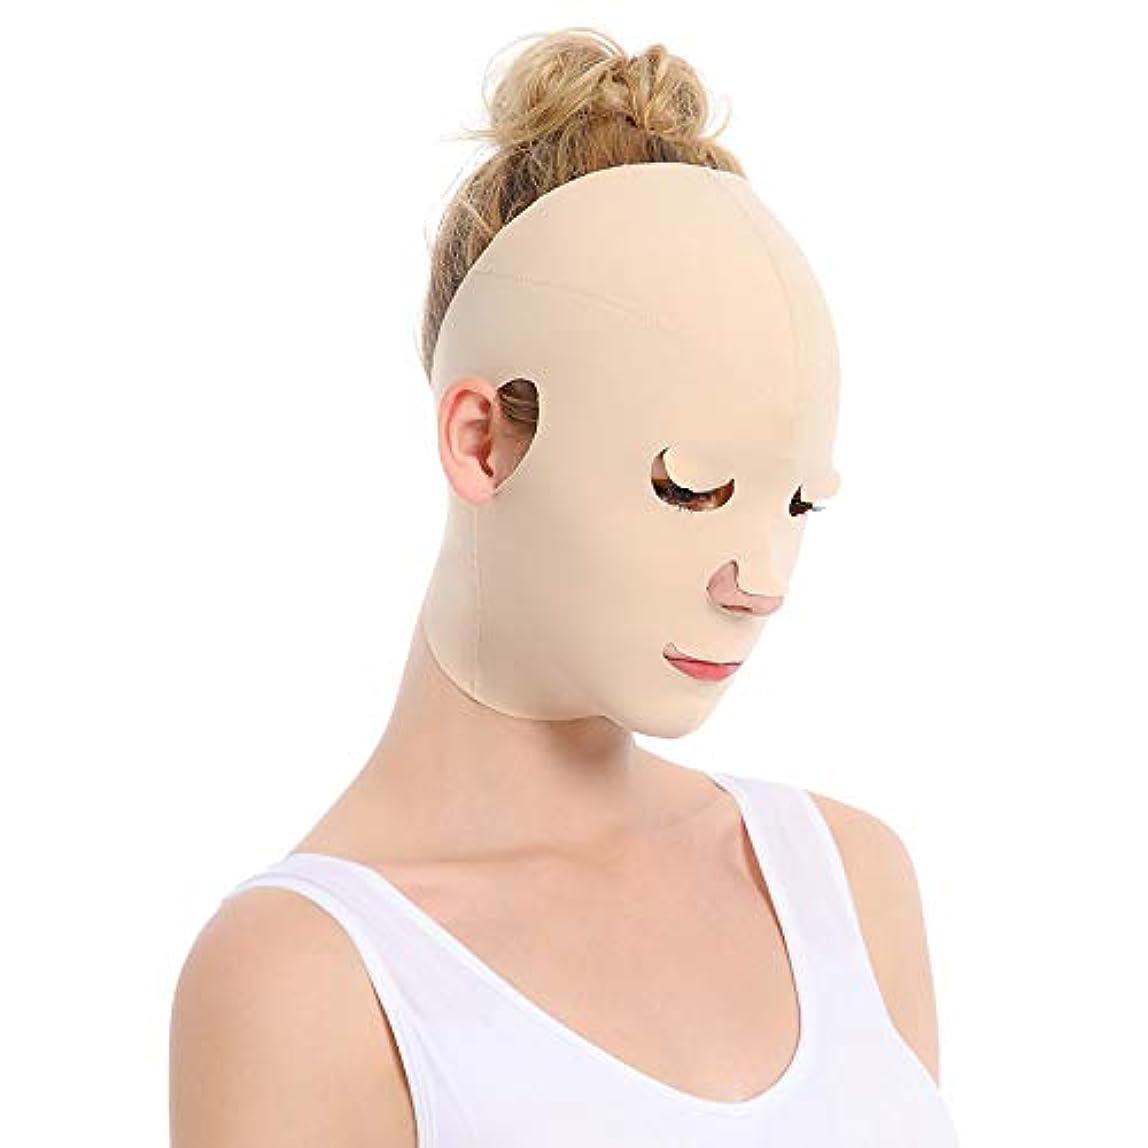 母音フィードオン動物小さな顔ツールv顔包帯薄い顔美容マスク怠惰な睡眠マスク男性と女性のV顔包帯整形引き締め顔薄い二重あご